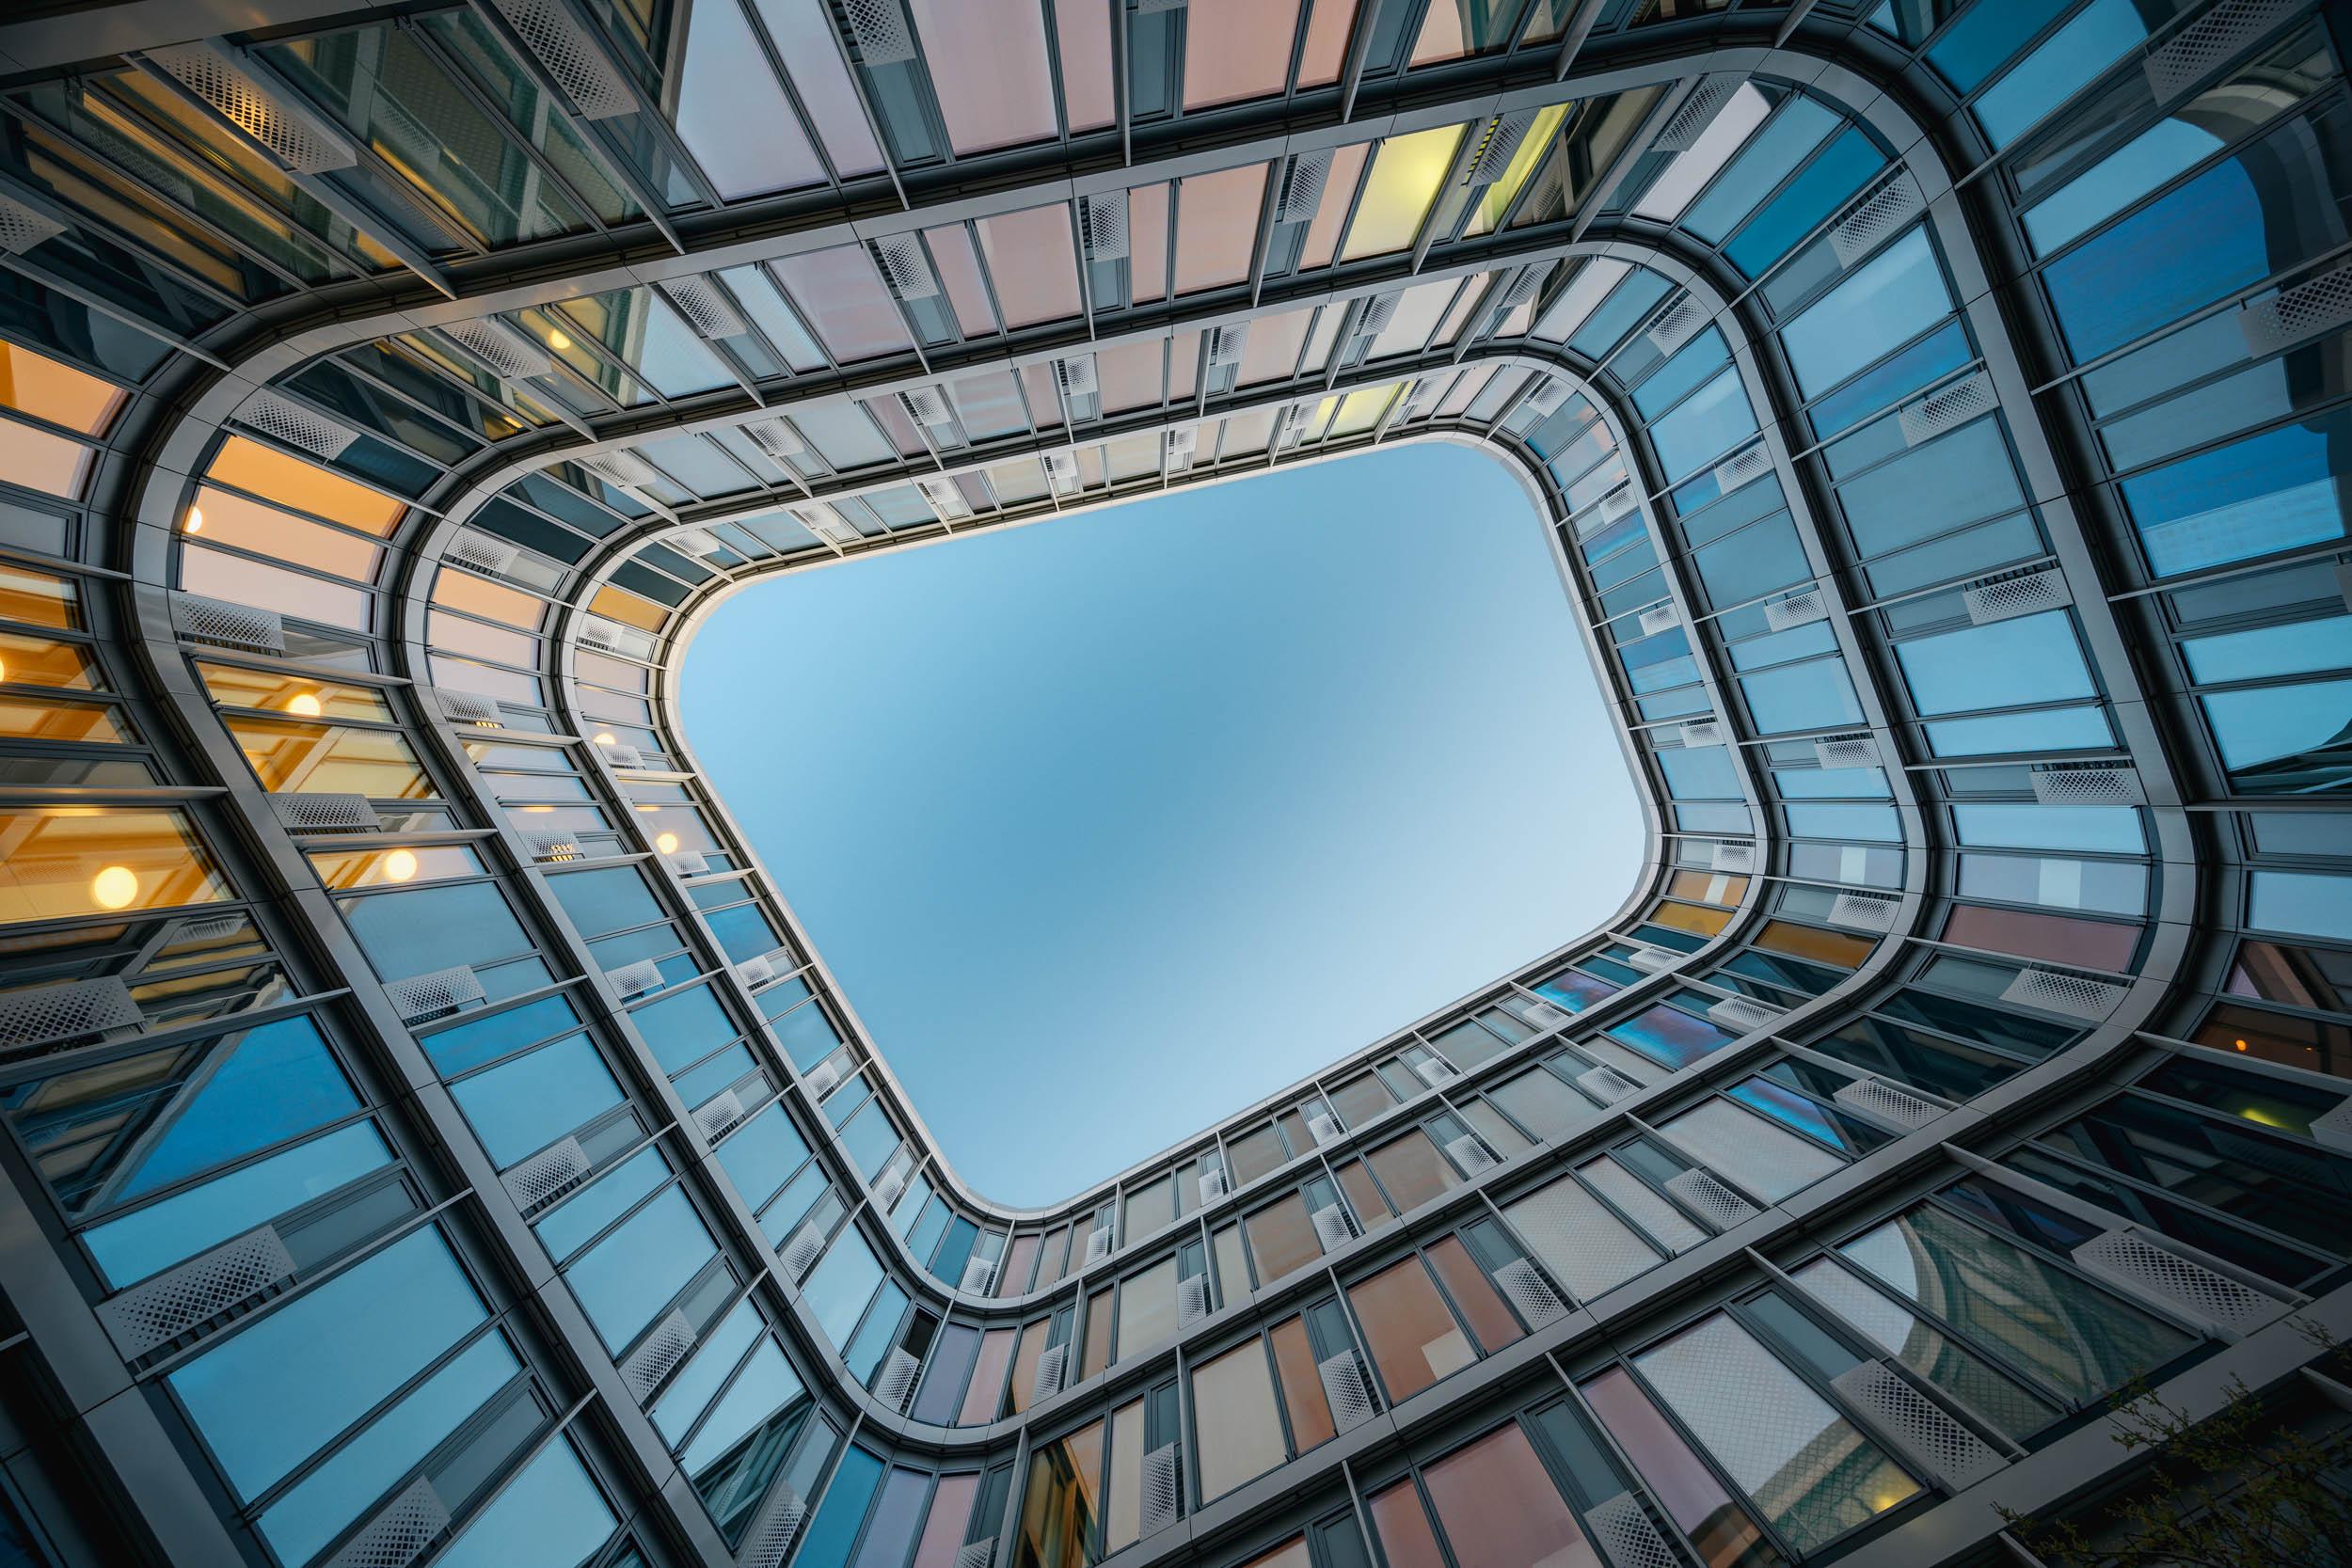 Gustav-Epple-Bauunternehmung-Infinity-Düsseldoef-Schwannstrasse-Architektur-Büro_MLZ2545